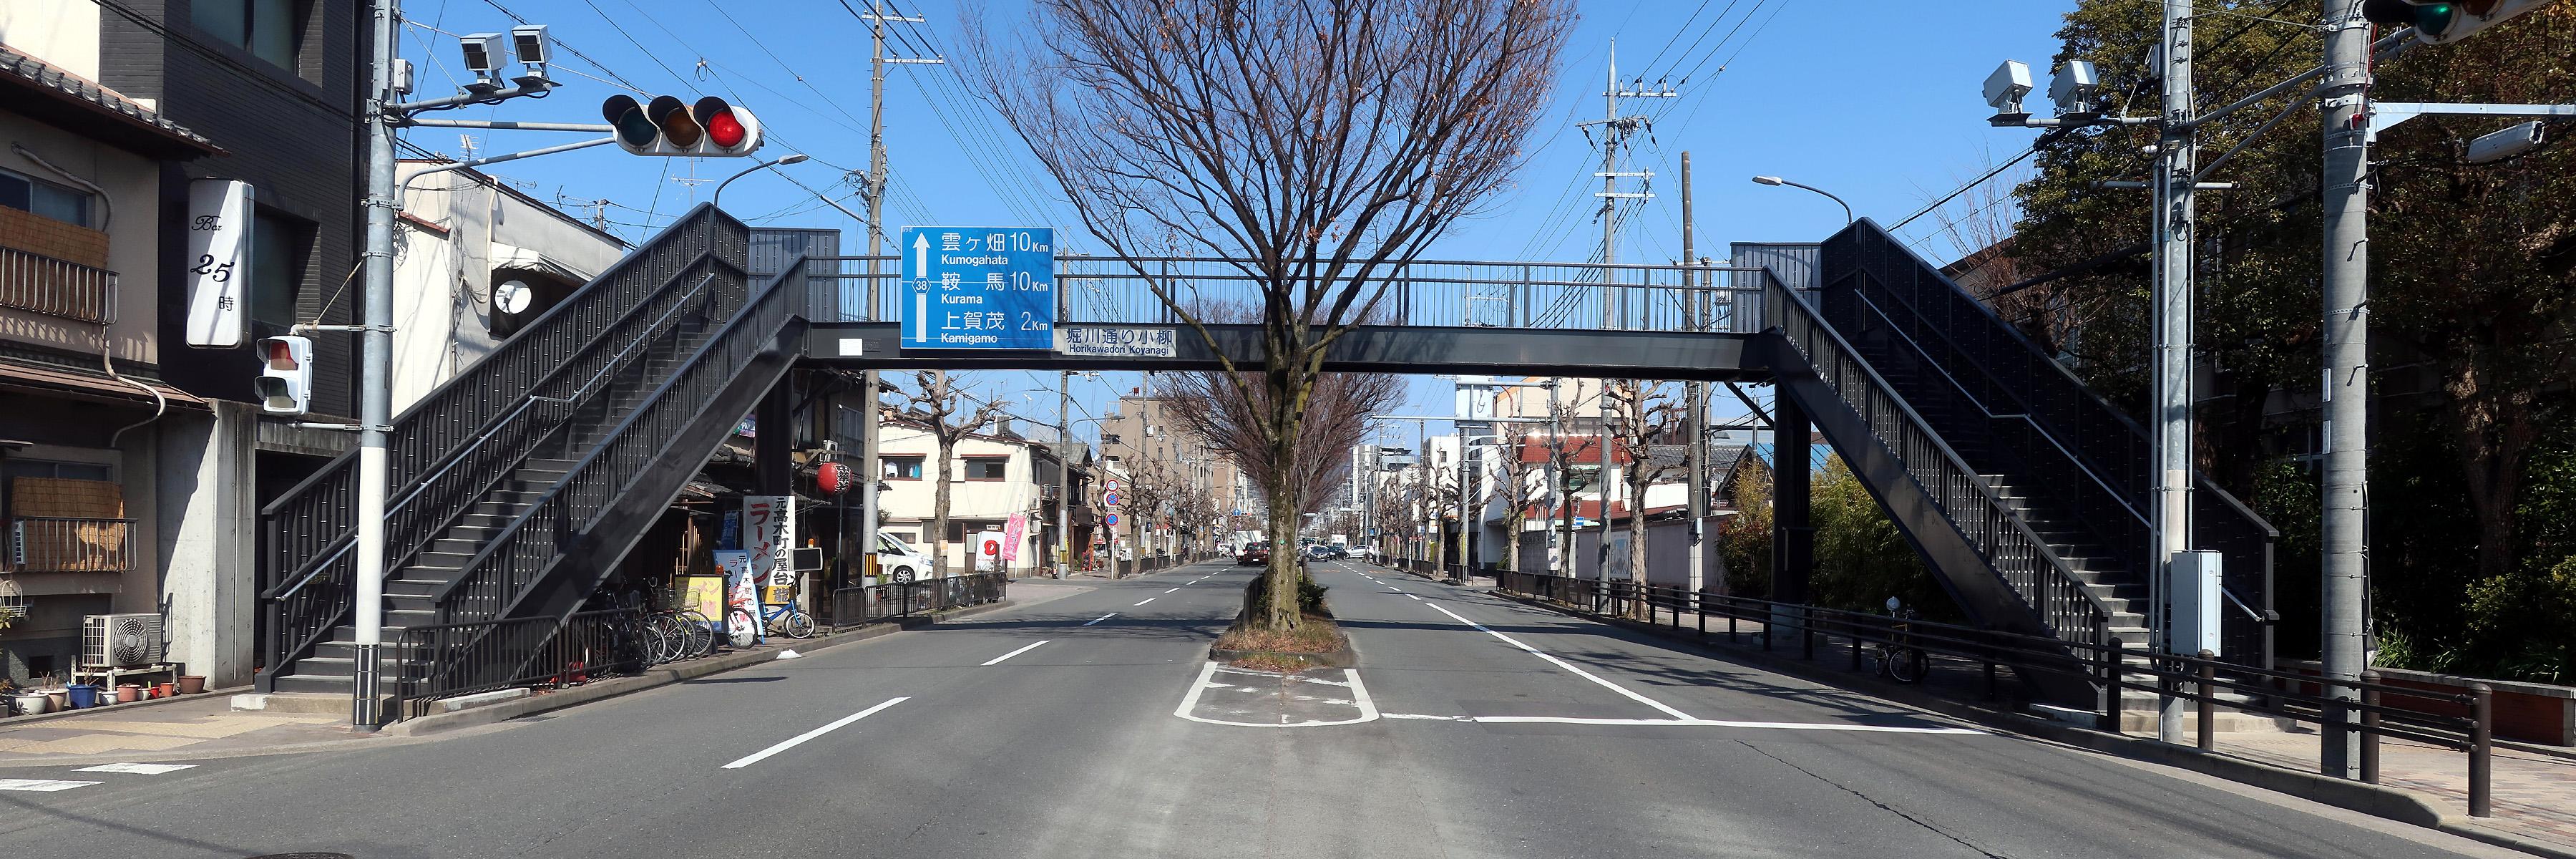 20180220_3 鳳徳歩道橋(2018_0220_111902_stitch)